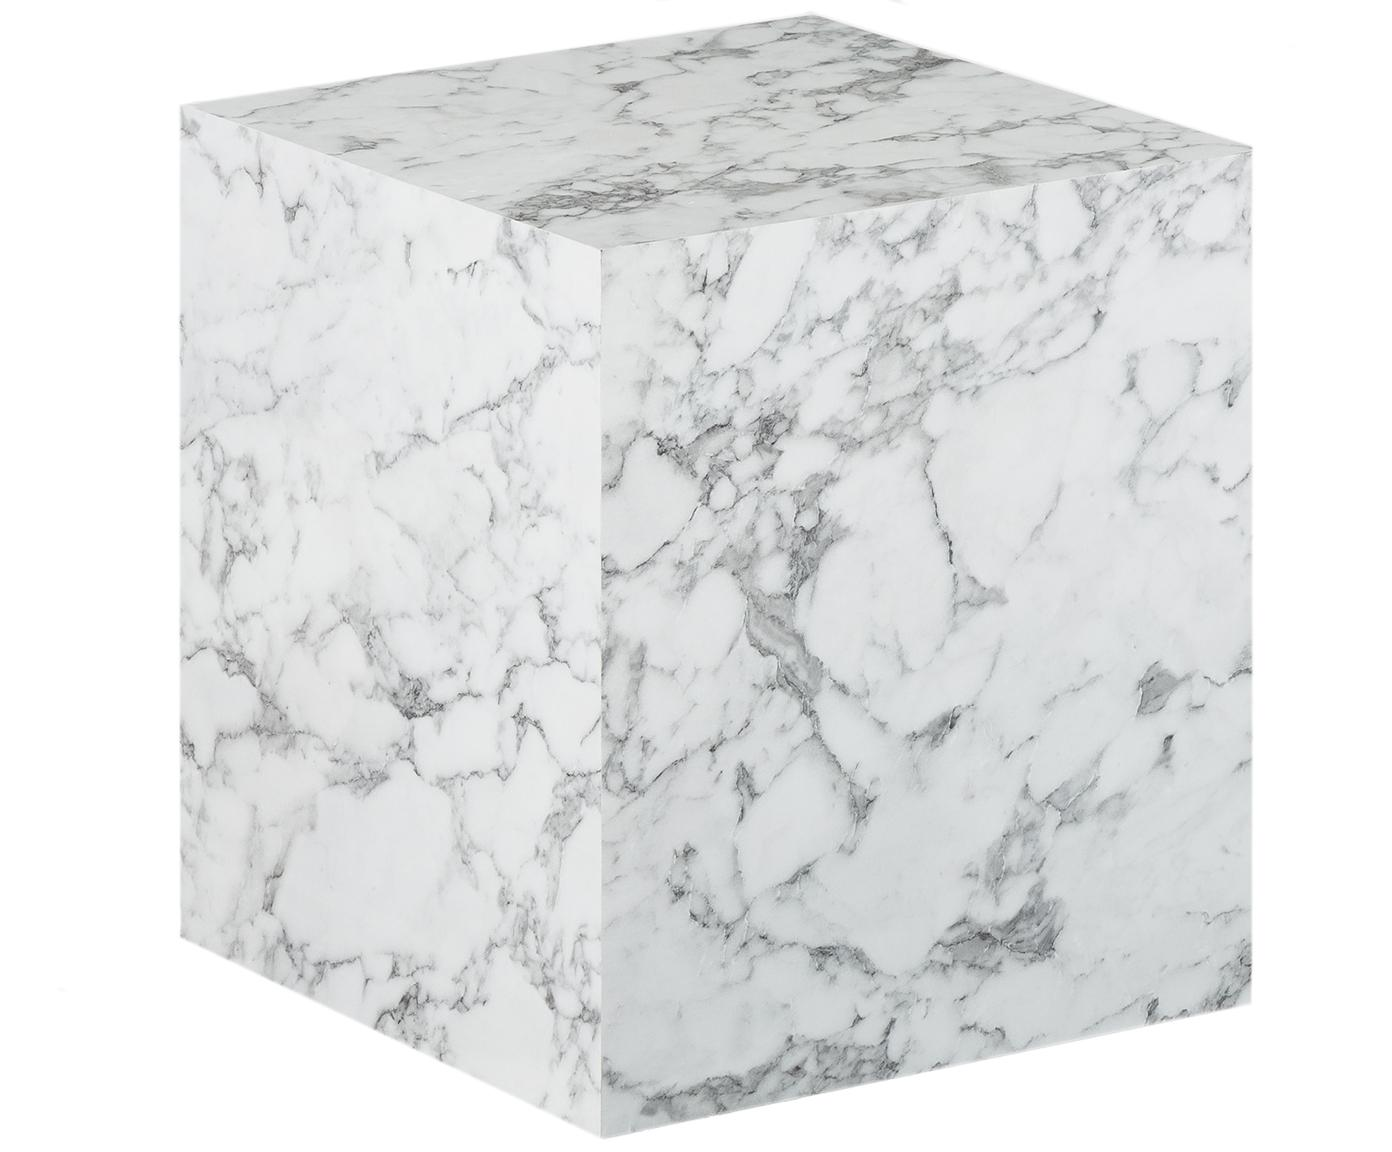 Tavolino quadrato effetto marmo Lesley, Pannello di fibra a media densità (MDF) rivestito con foglio di melamina, Bianco marmorizzato, Larg. 45 x Alt. 50 cm